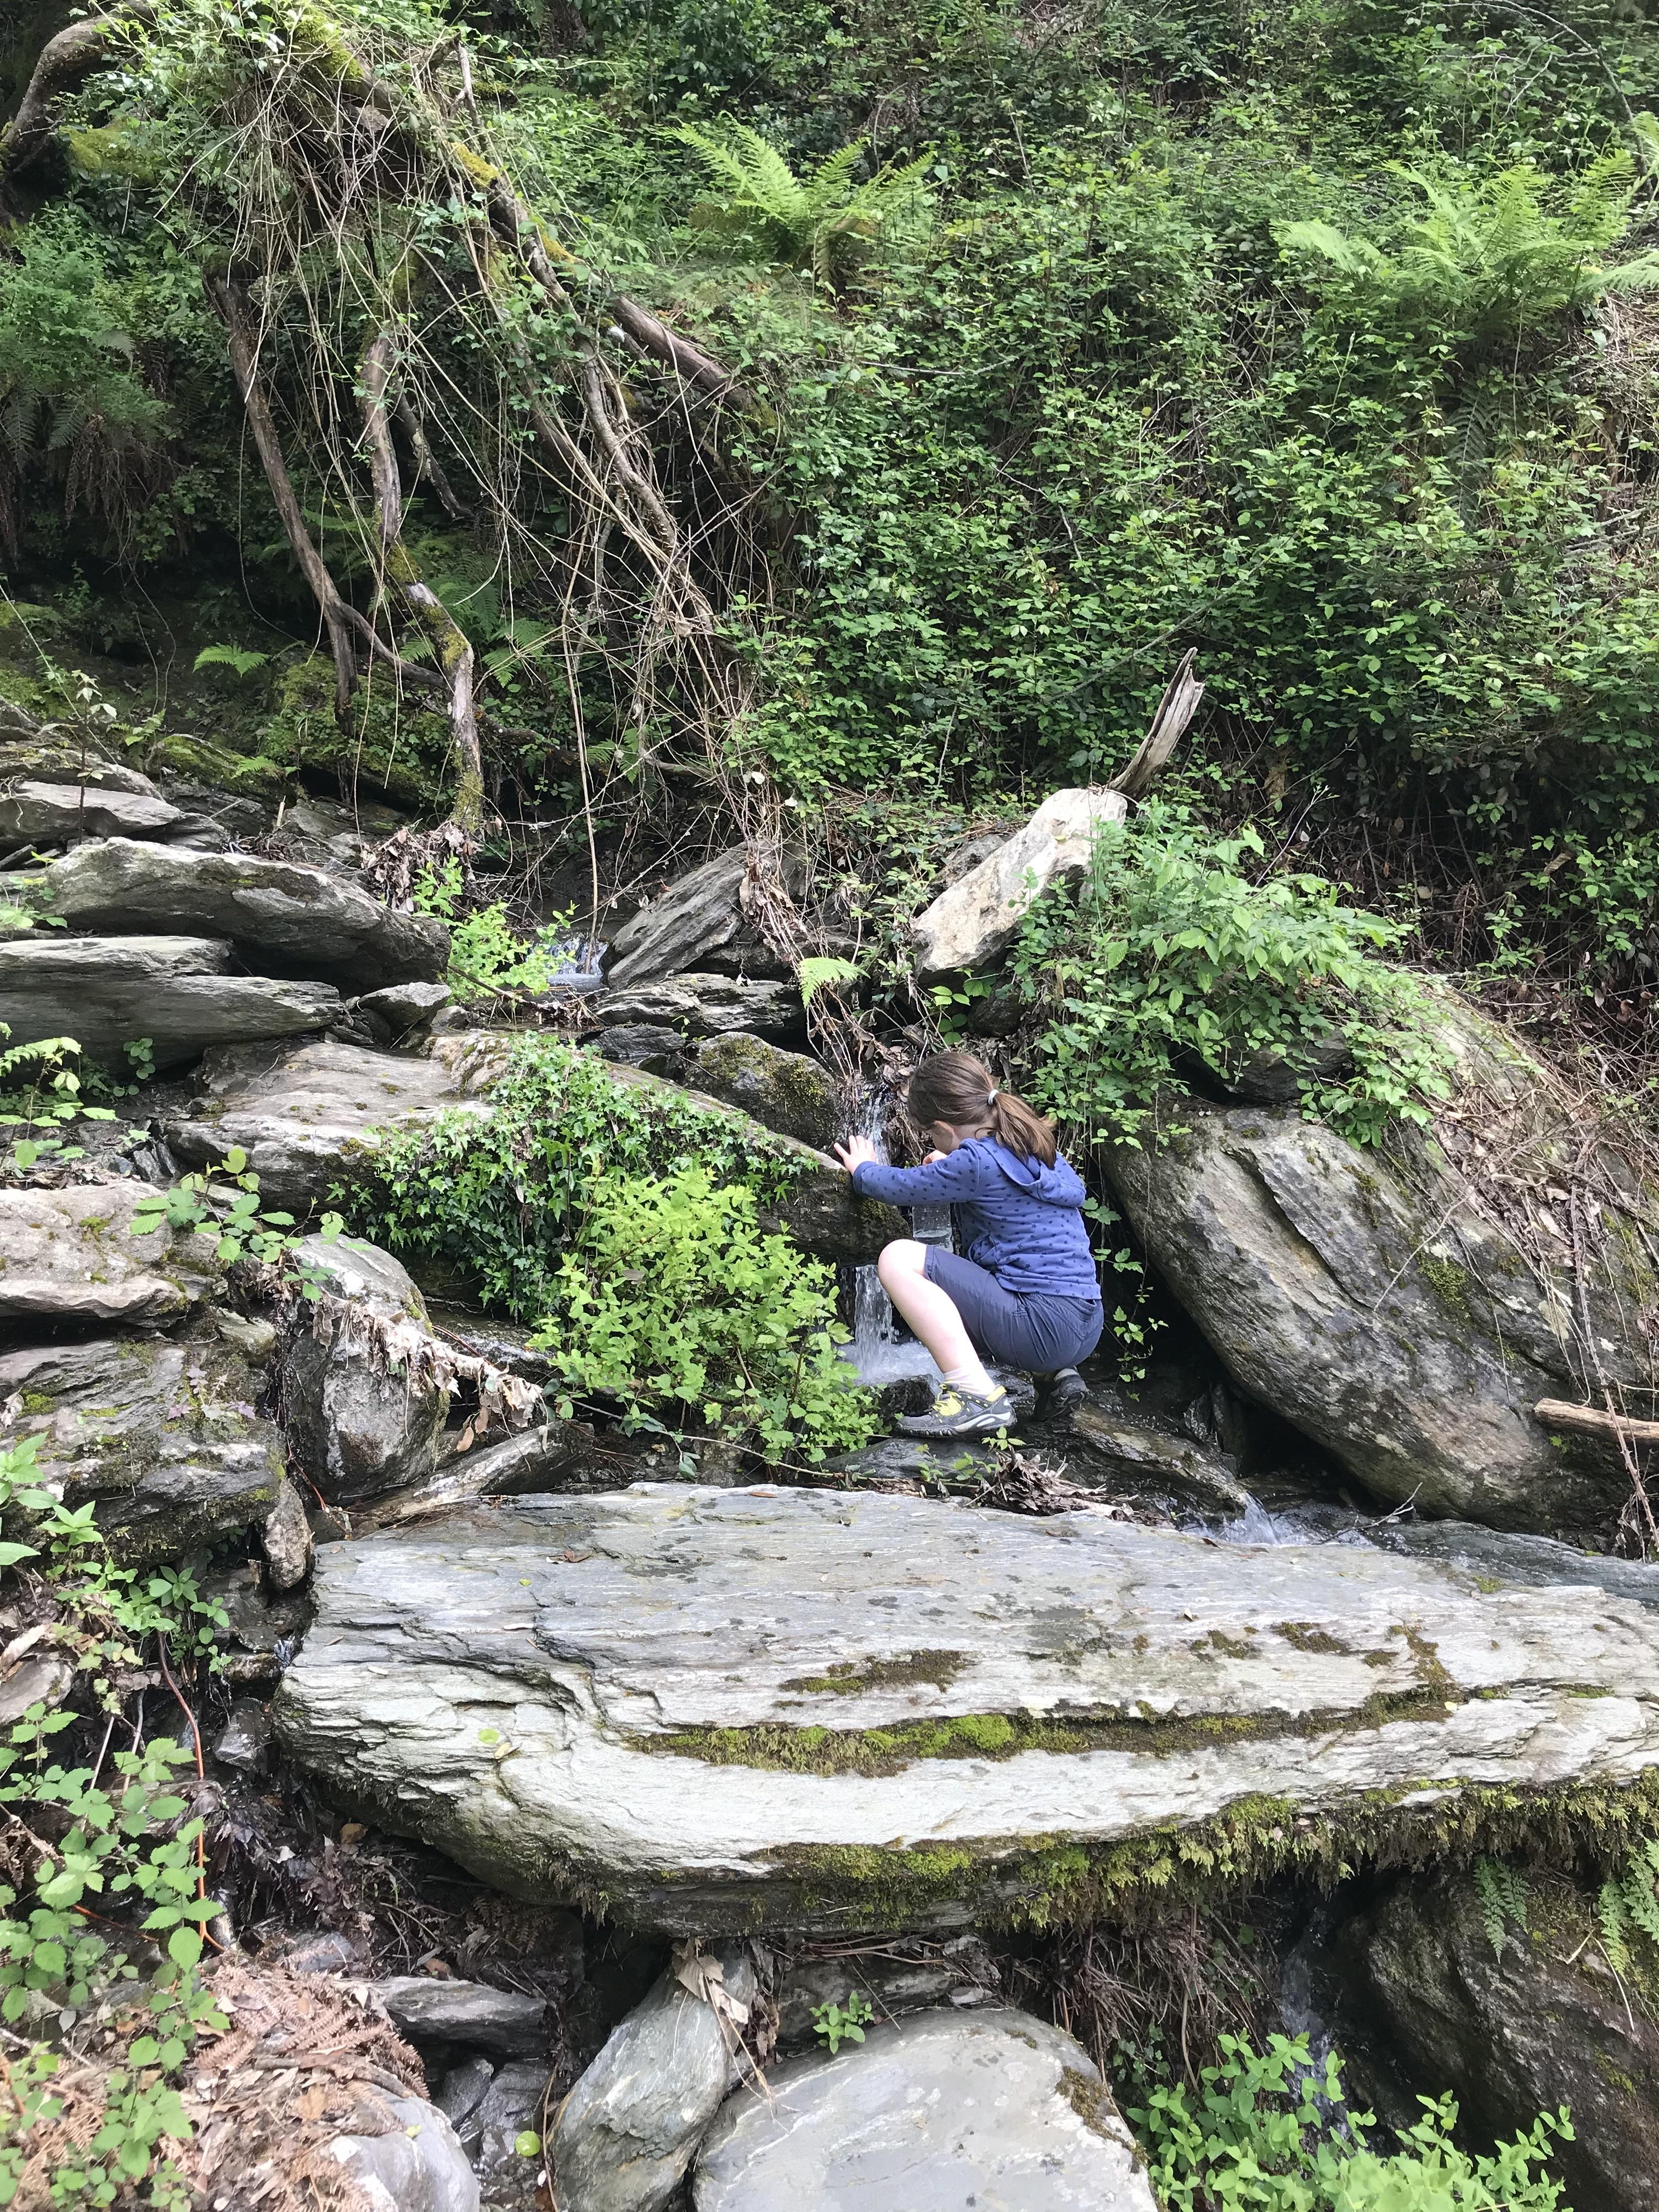 Bergab müssen wir Wasser nachfüllen. Meine Schuld. Ich hab den Proviantrucksack vergessen. Deshalb gab es am Gipfel auch nur Hefezopf, den die Kinder noch zufällig im Rucksack hatten.